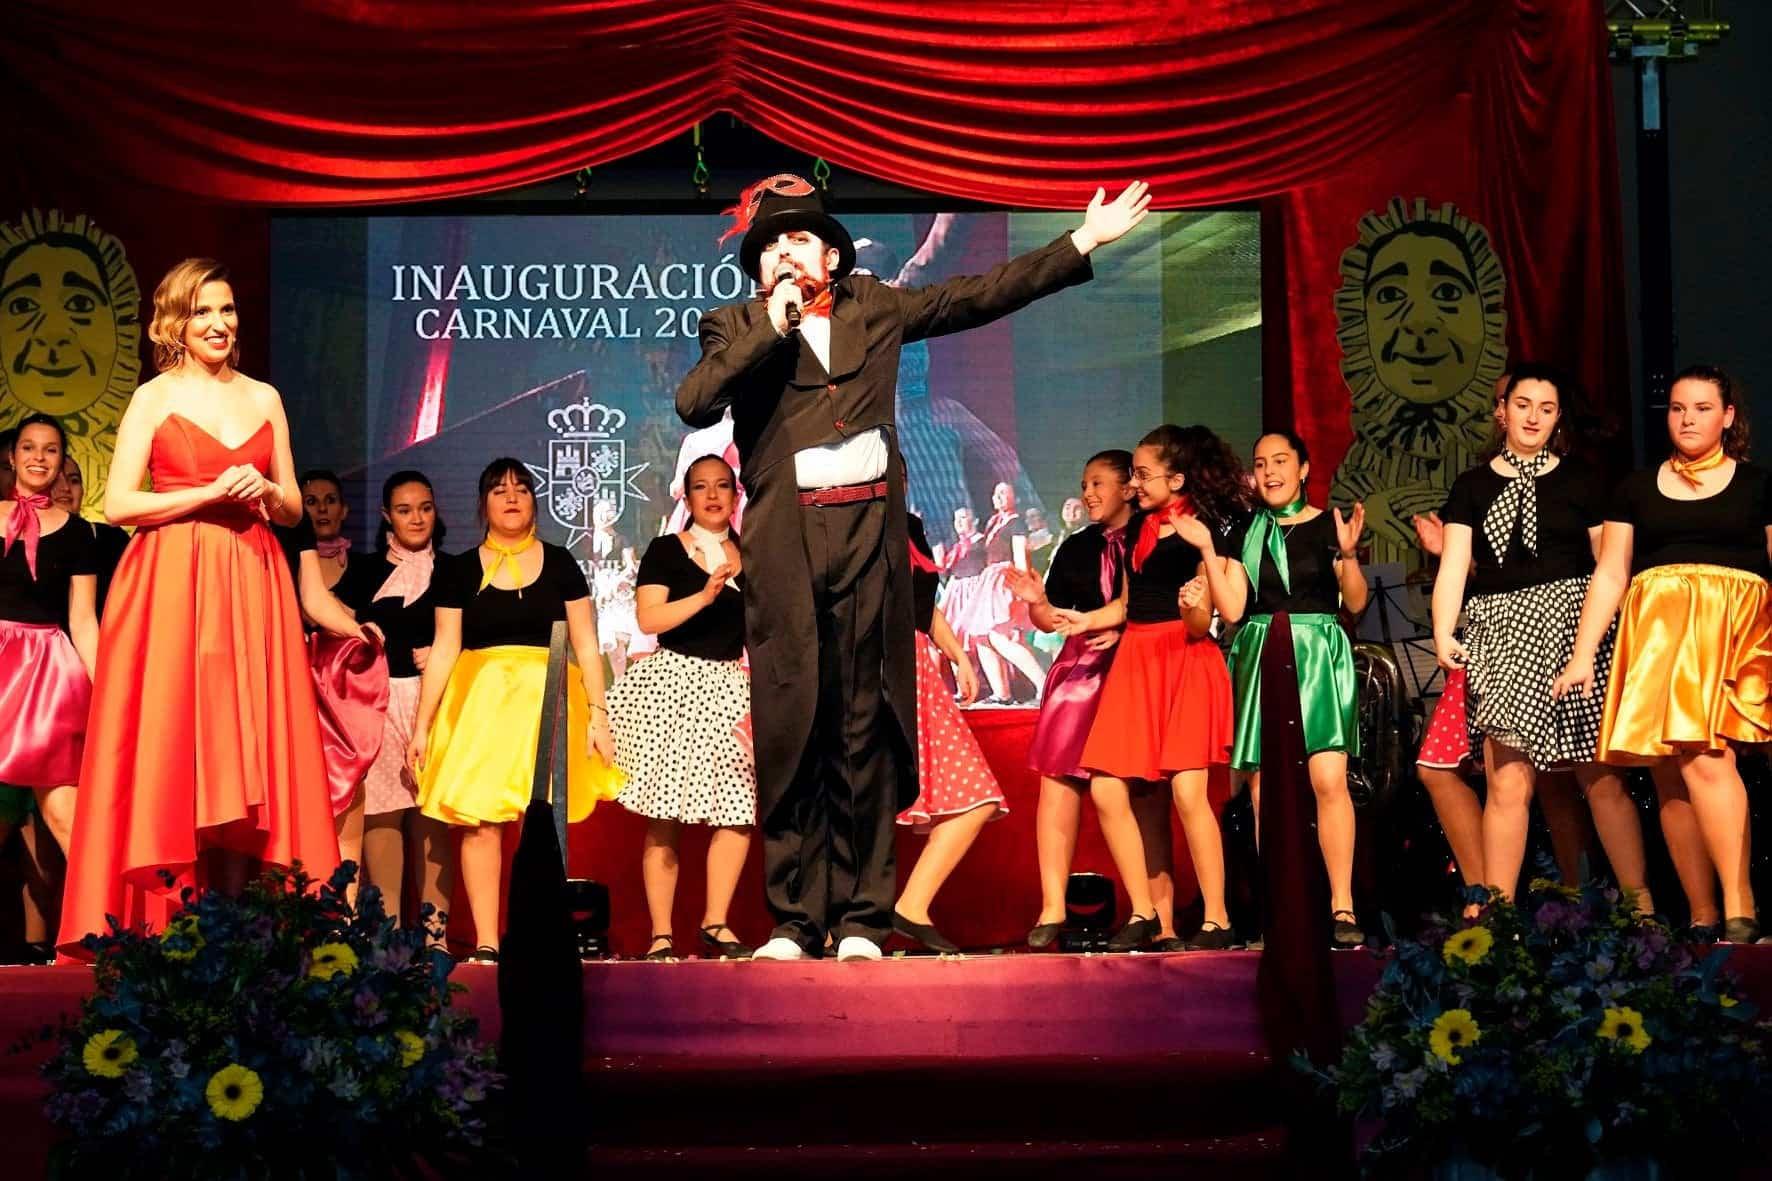 inauguracion carnaval 2020 herencia 28 - Inauguración del Carnaval de Herencia 2020